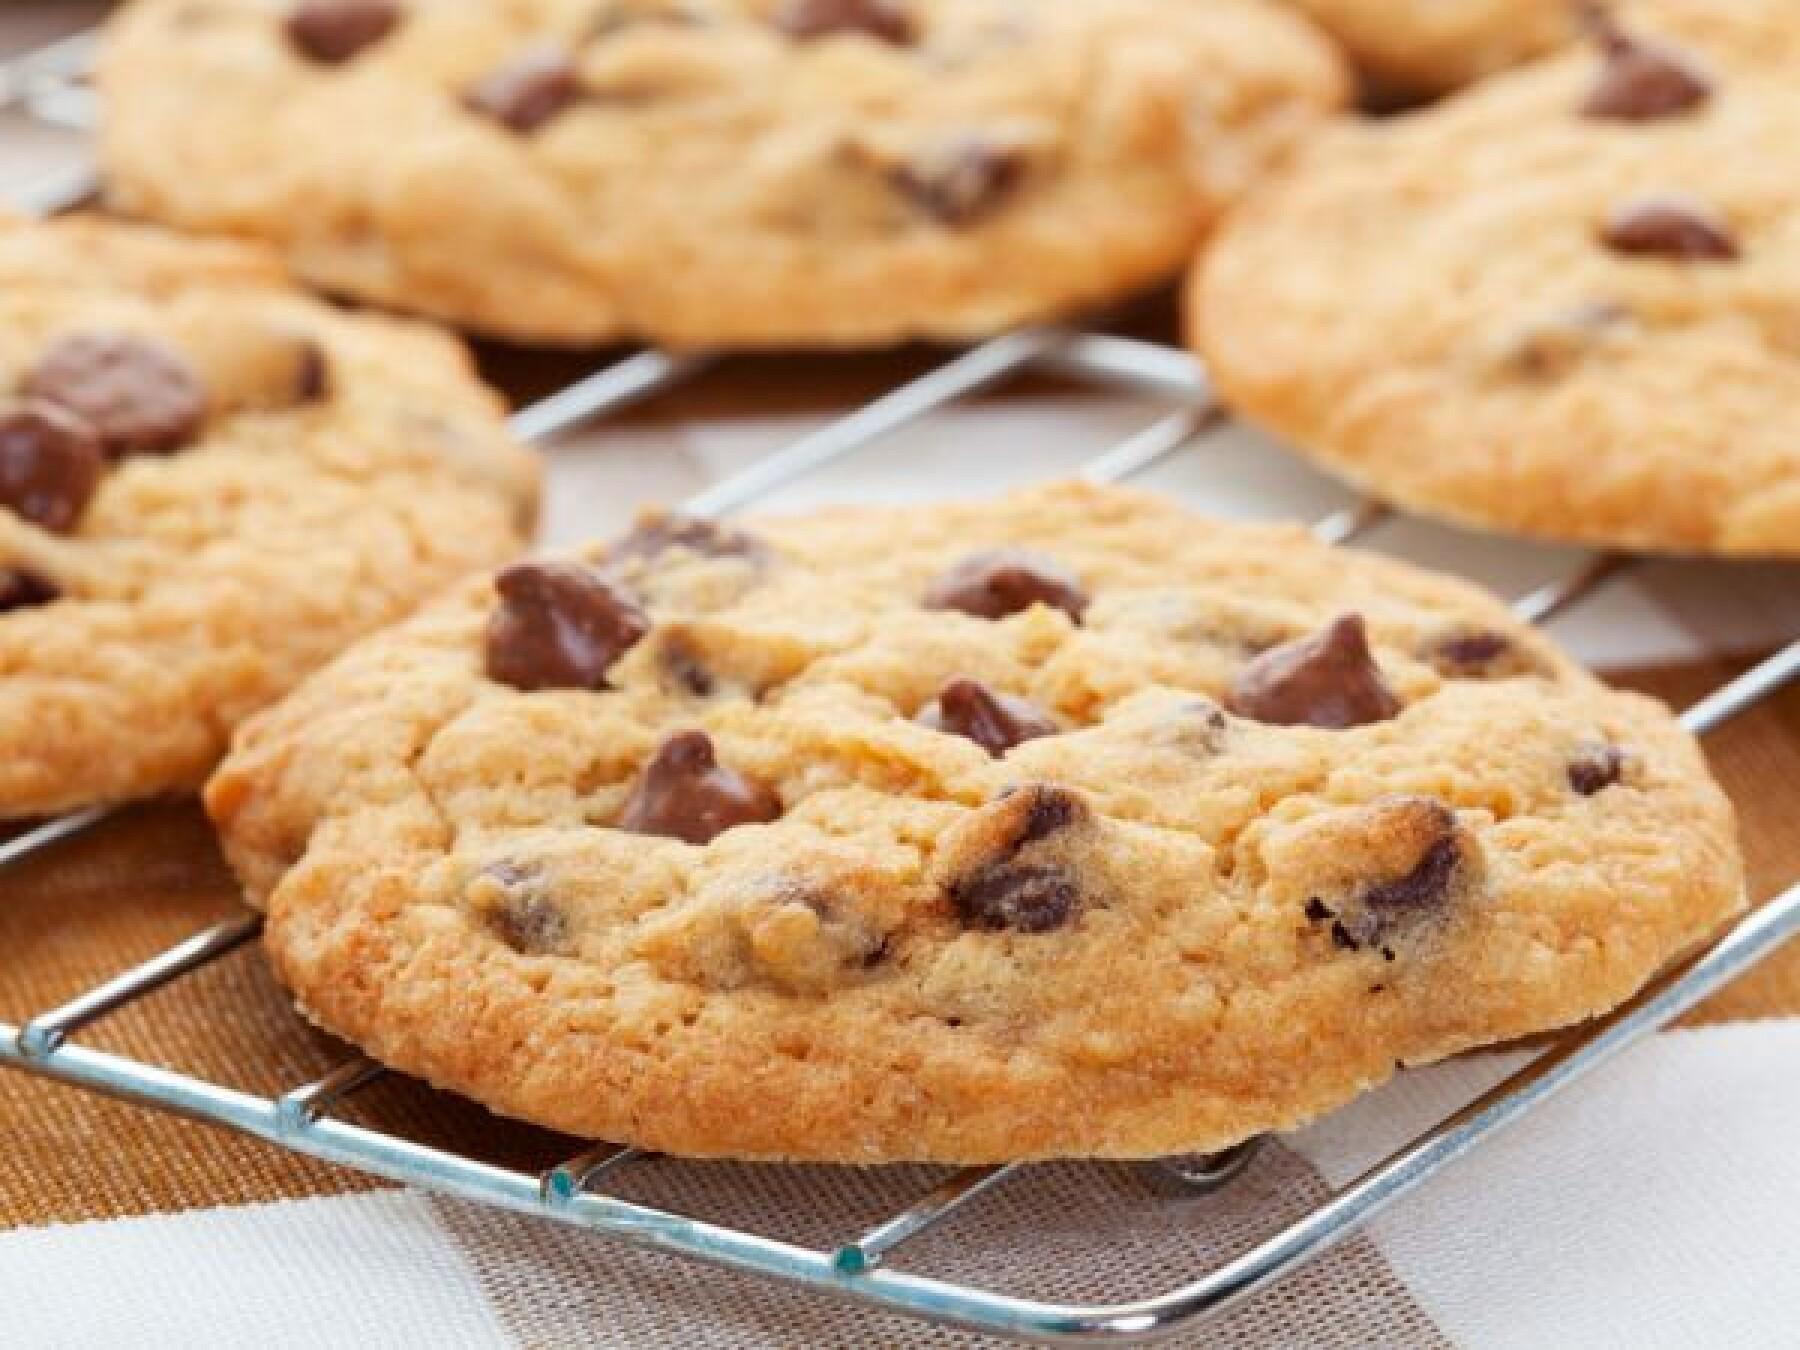 Recette : Cookies pépites de chocolat et amandes